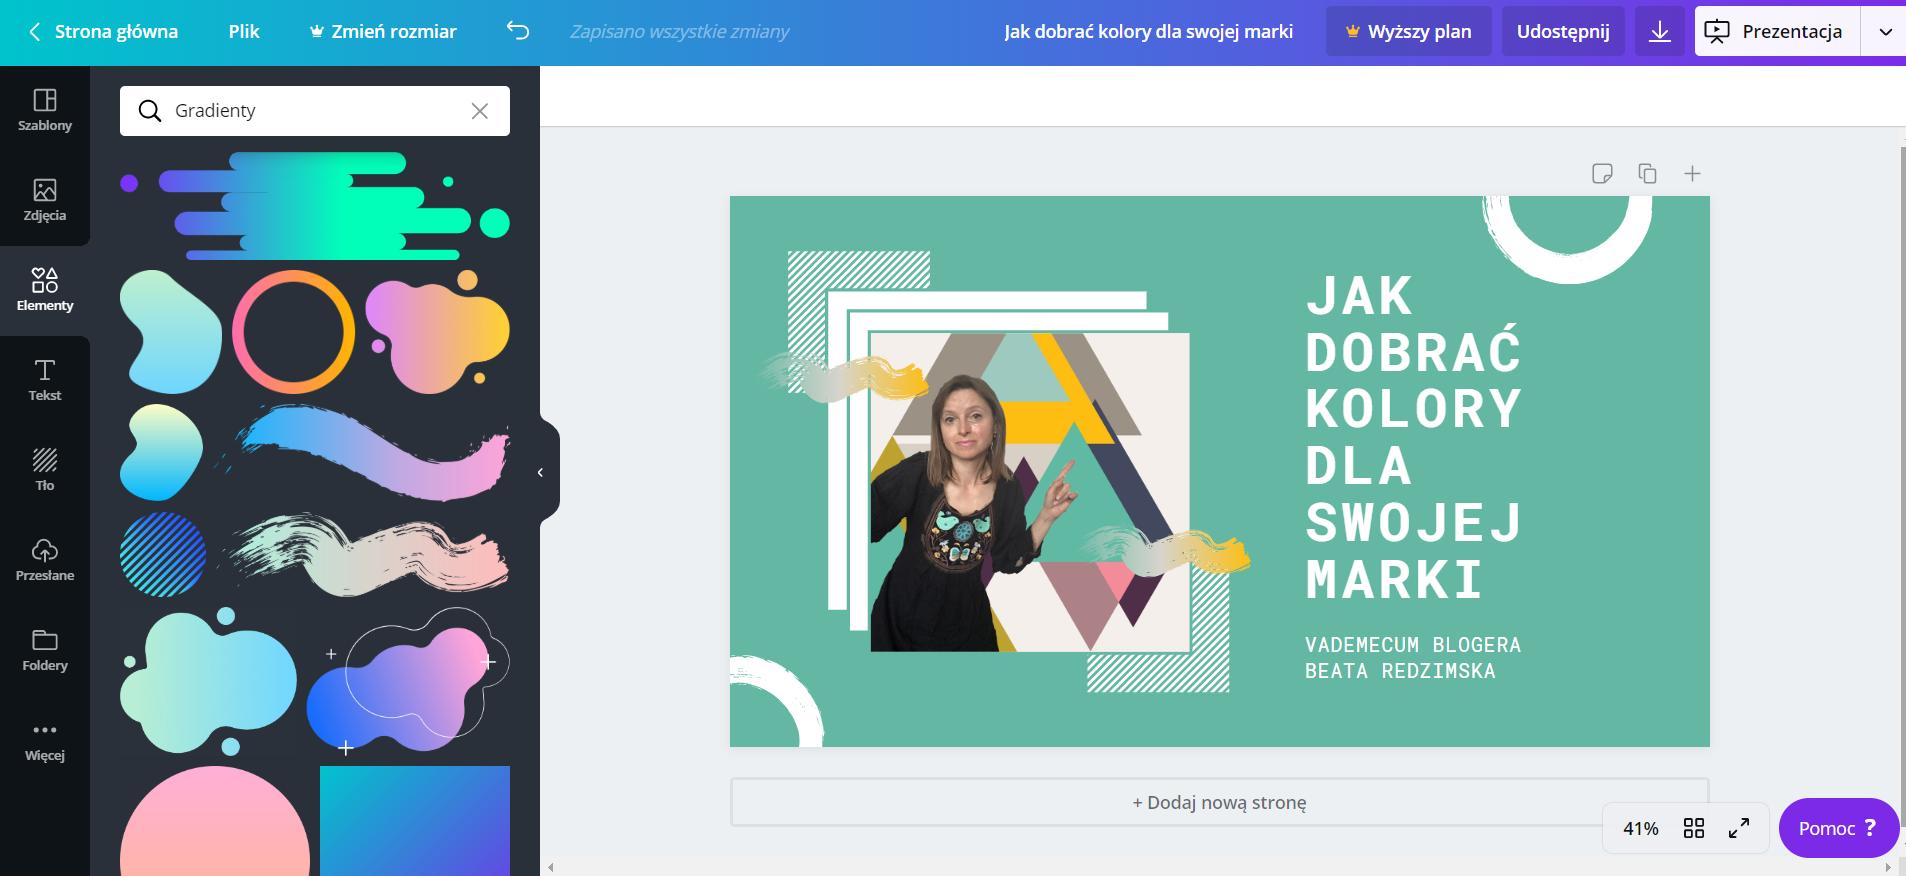 Jak dobrać kolory dla swojej marki w sieci: narzędzie Coolors.